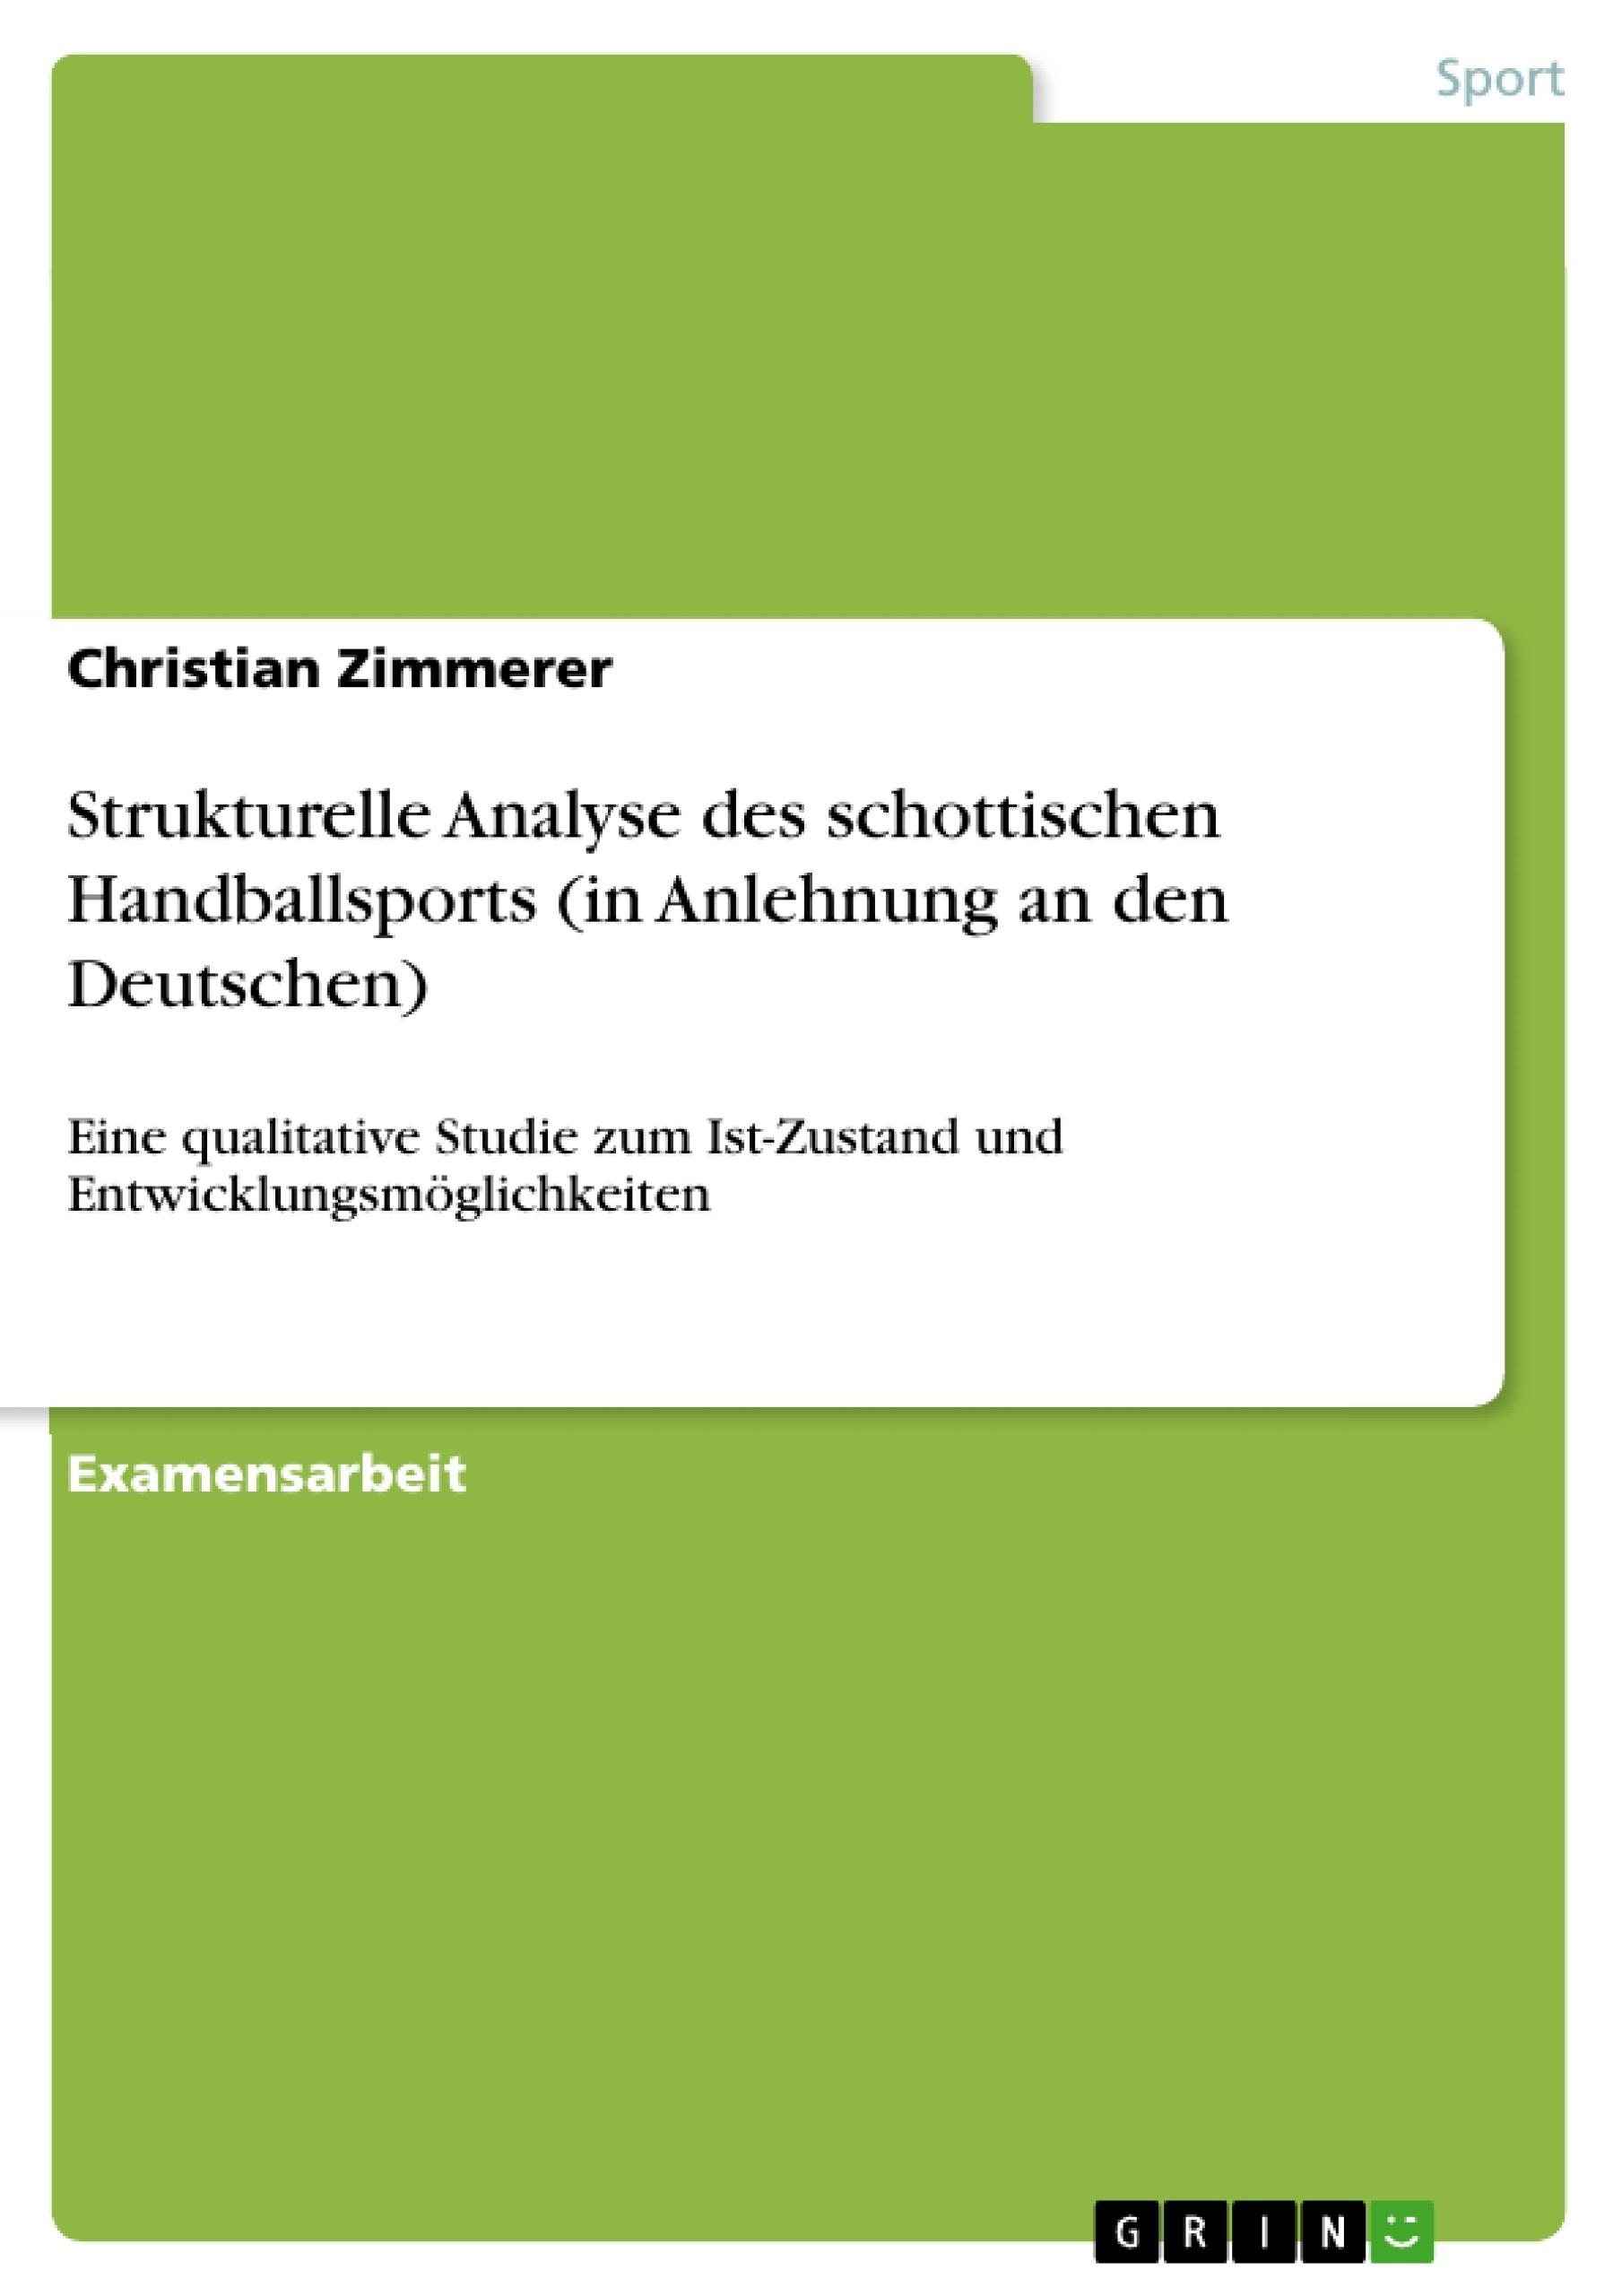 Titel: Strukturelle Analyse des schottischen Handballsports (in Anlehnung an den Deutschen)